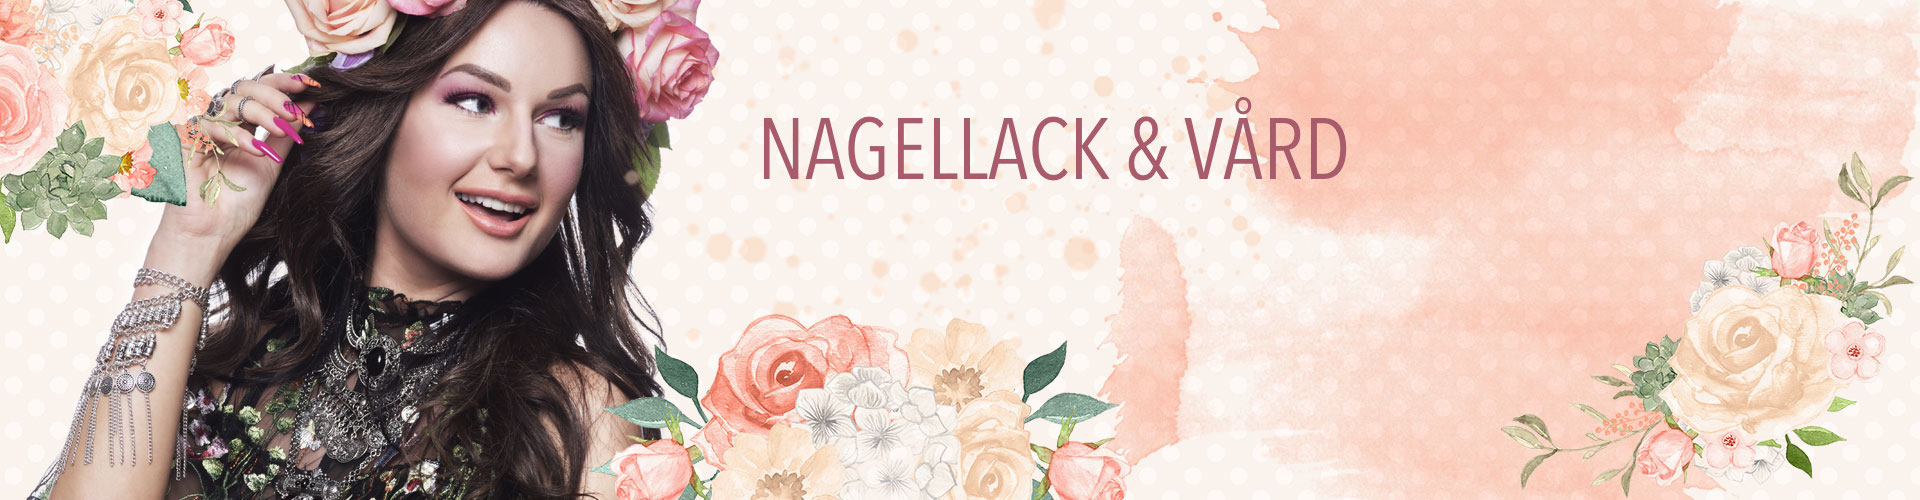 Nagellack & Vård